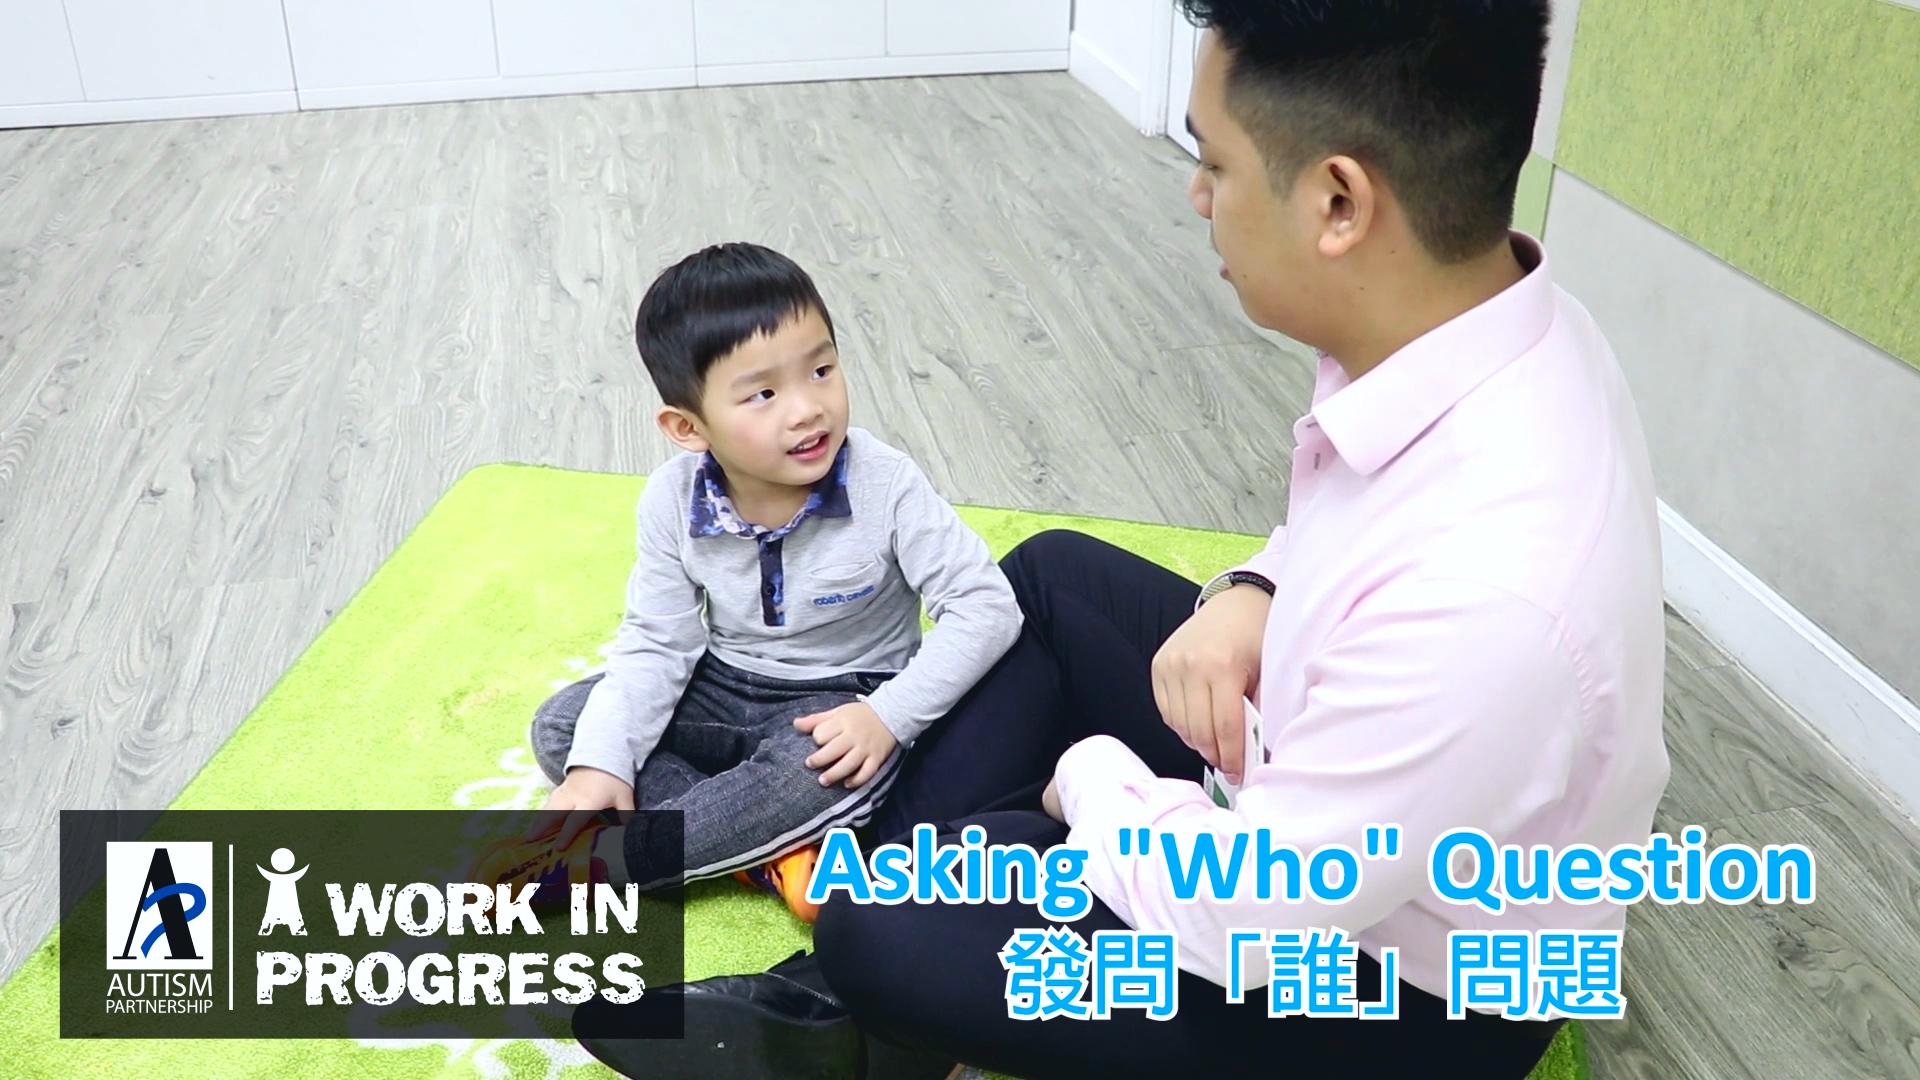 a-work-in-progress-kaseys-training-progress-who-questions